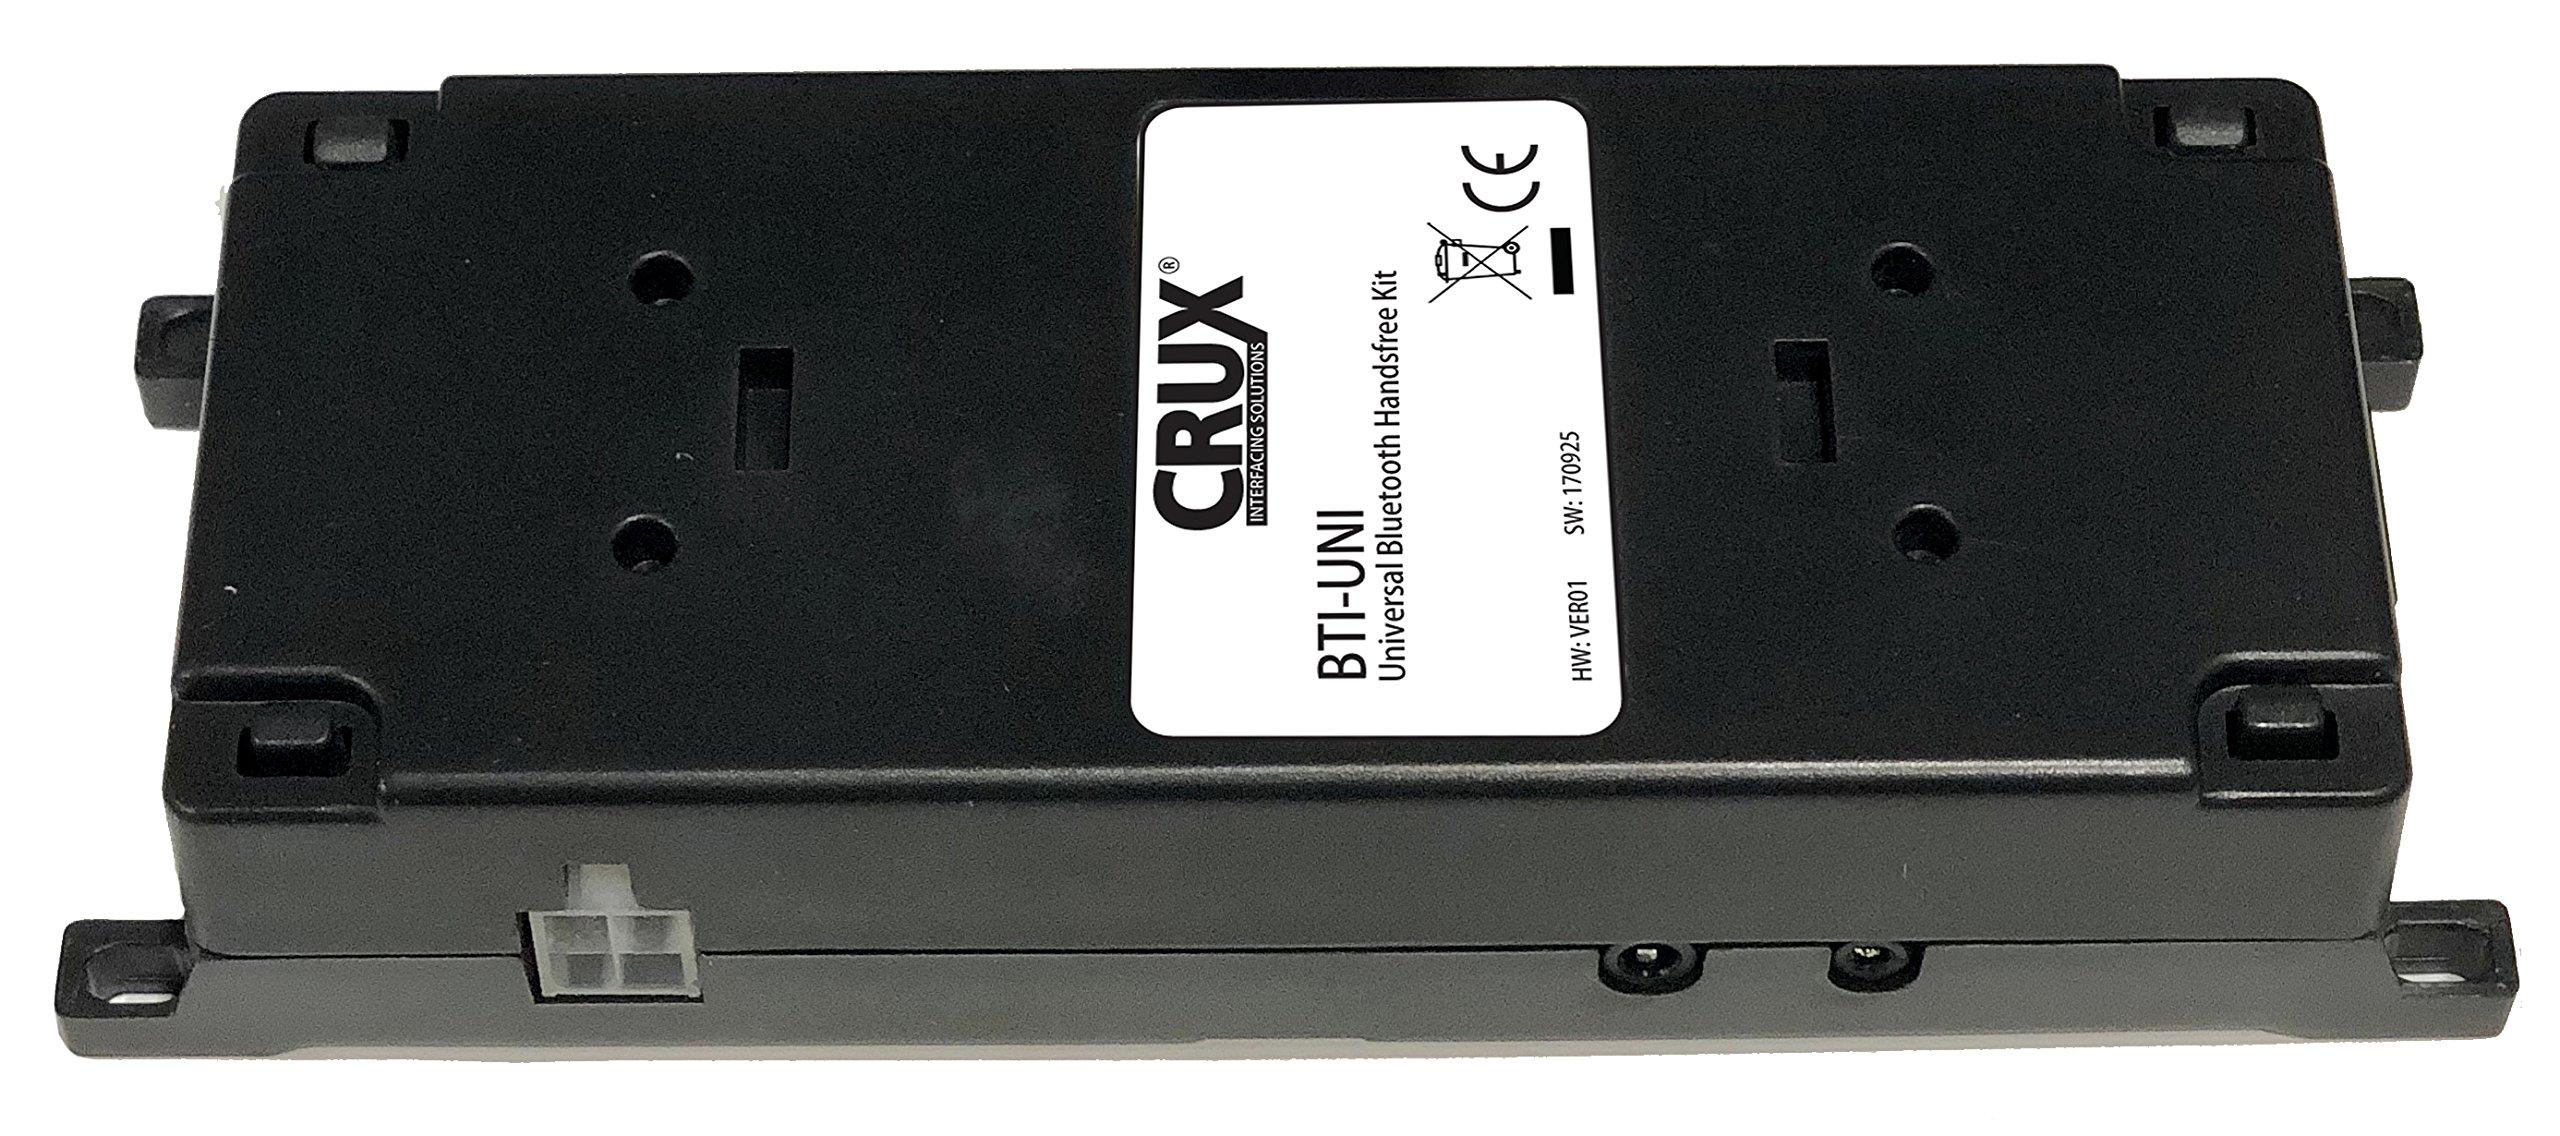 CRUX BTI-UNI Universal Bluetooth Hands-Free Car Kit